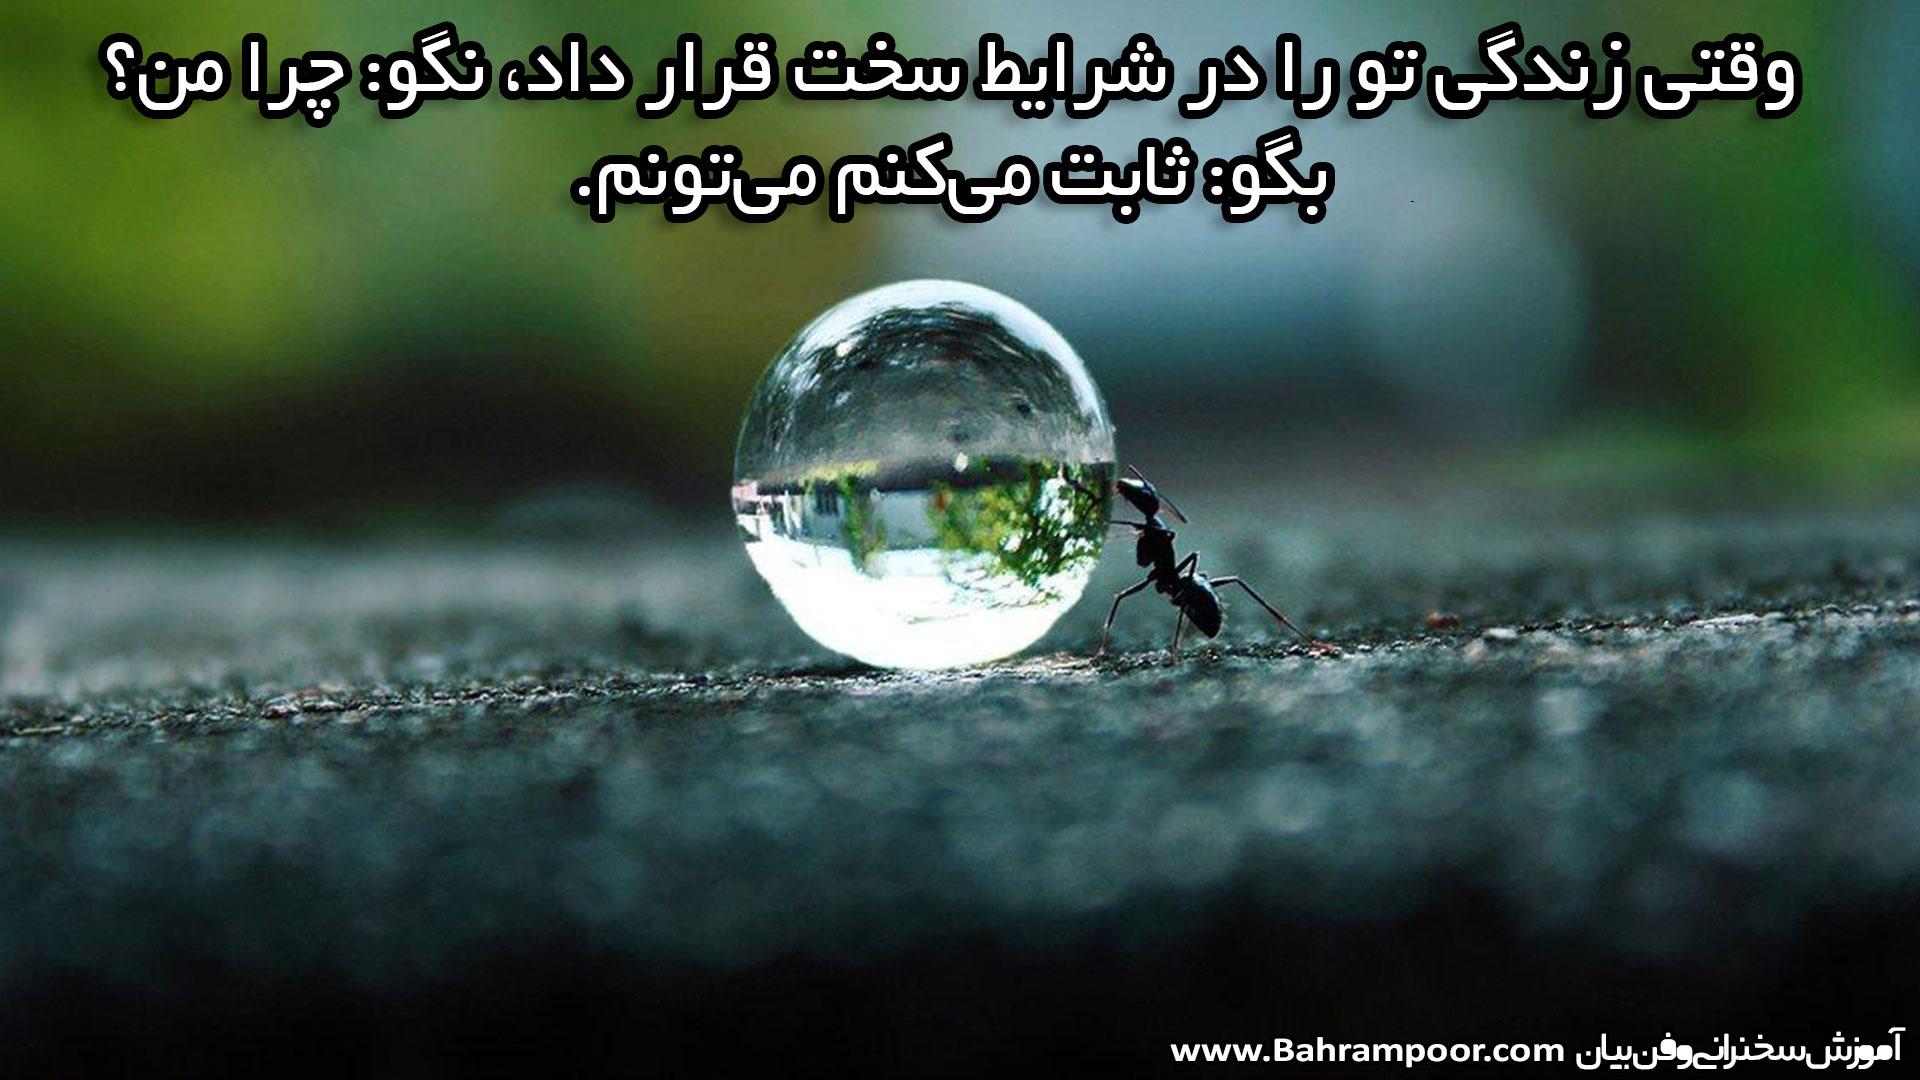 مونا فتاحی